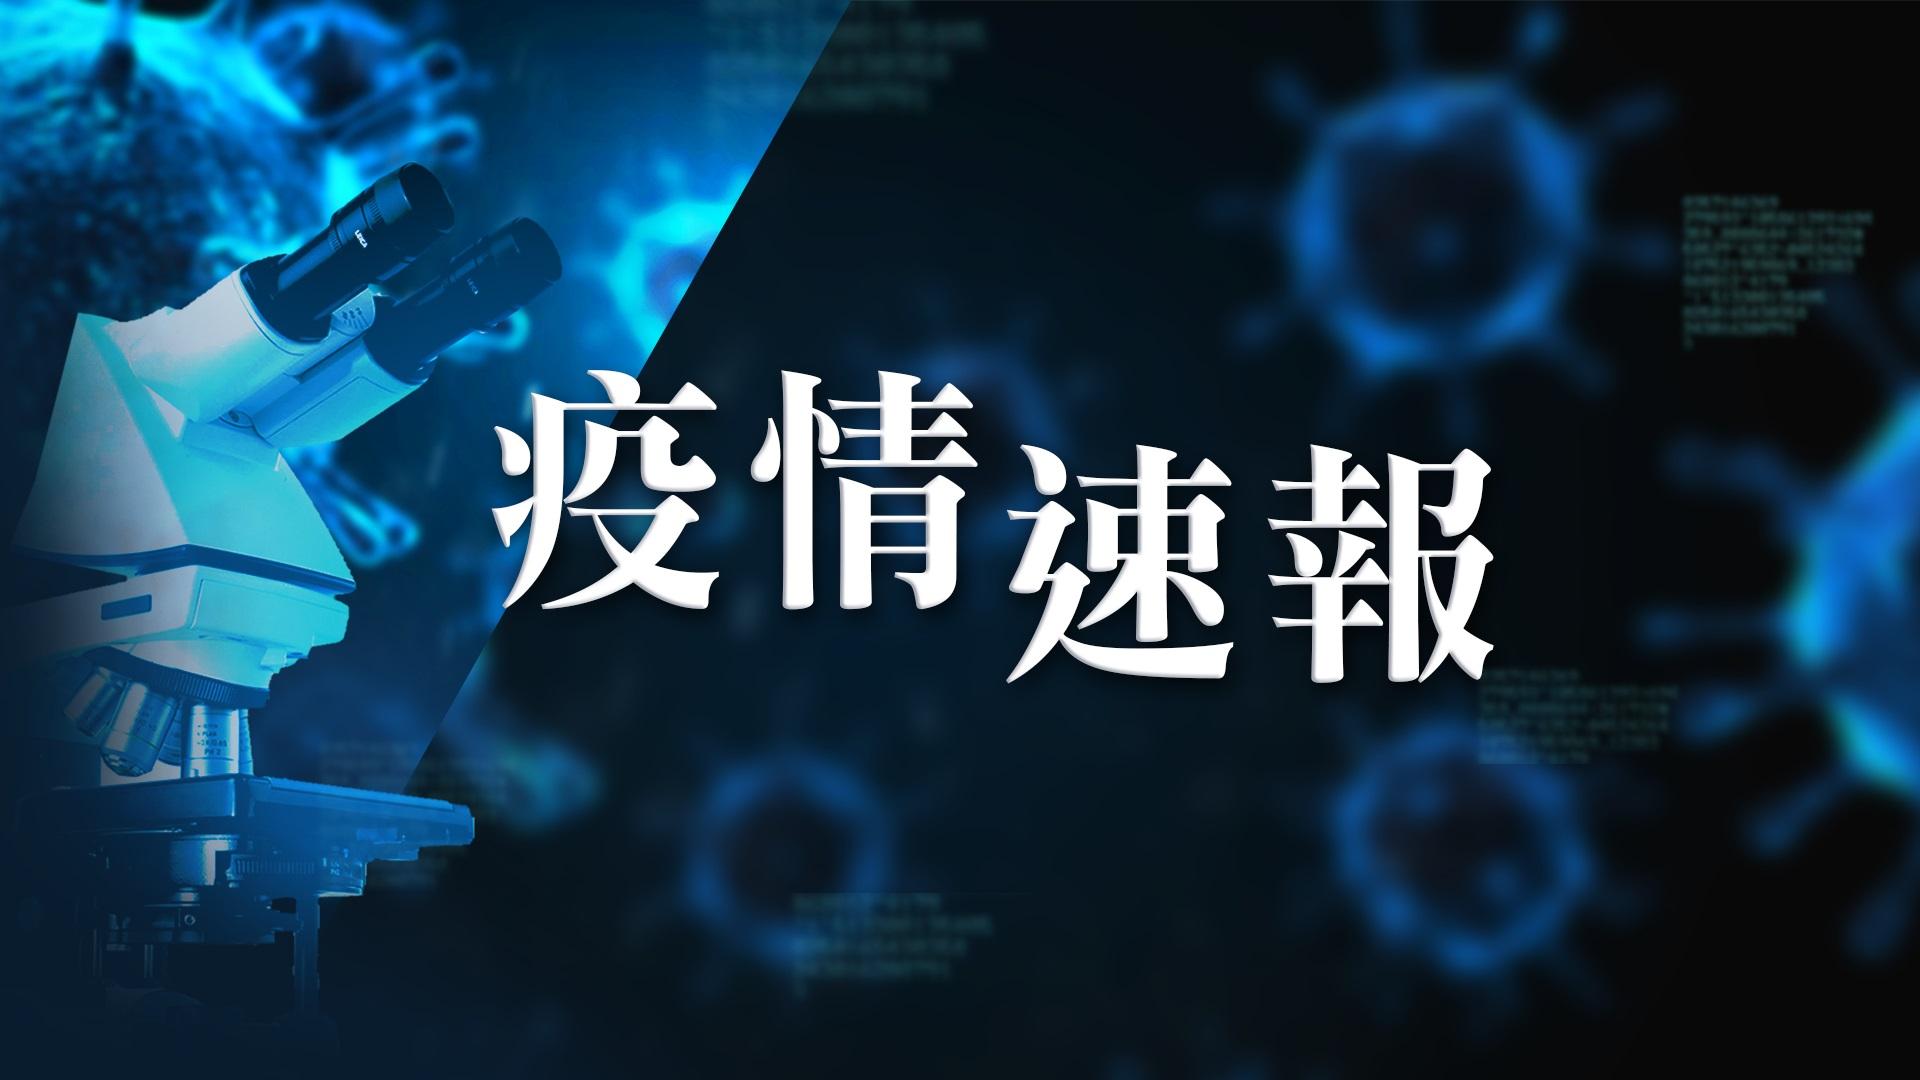 【2月15日疫情速報】(19:30)